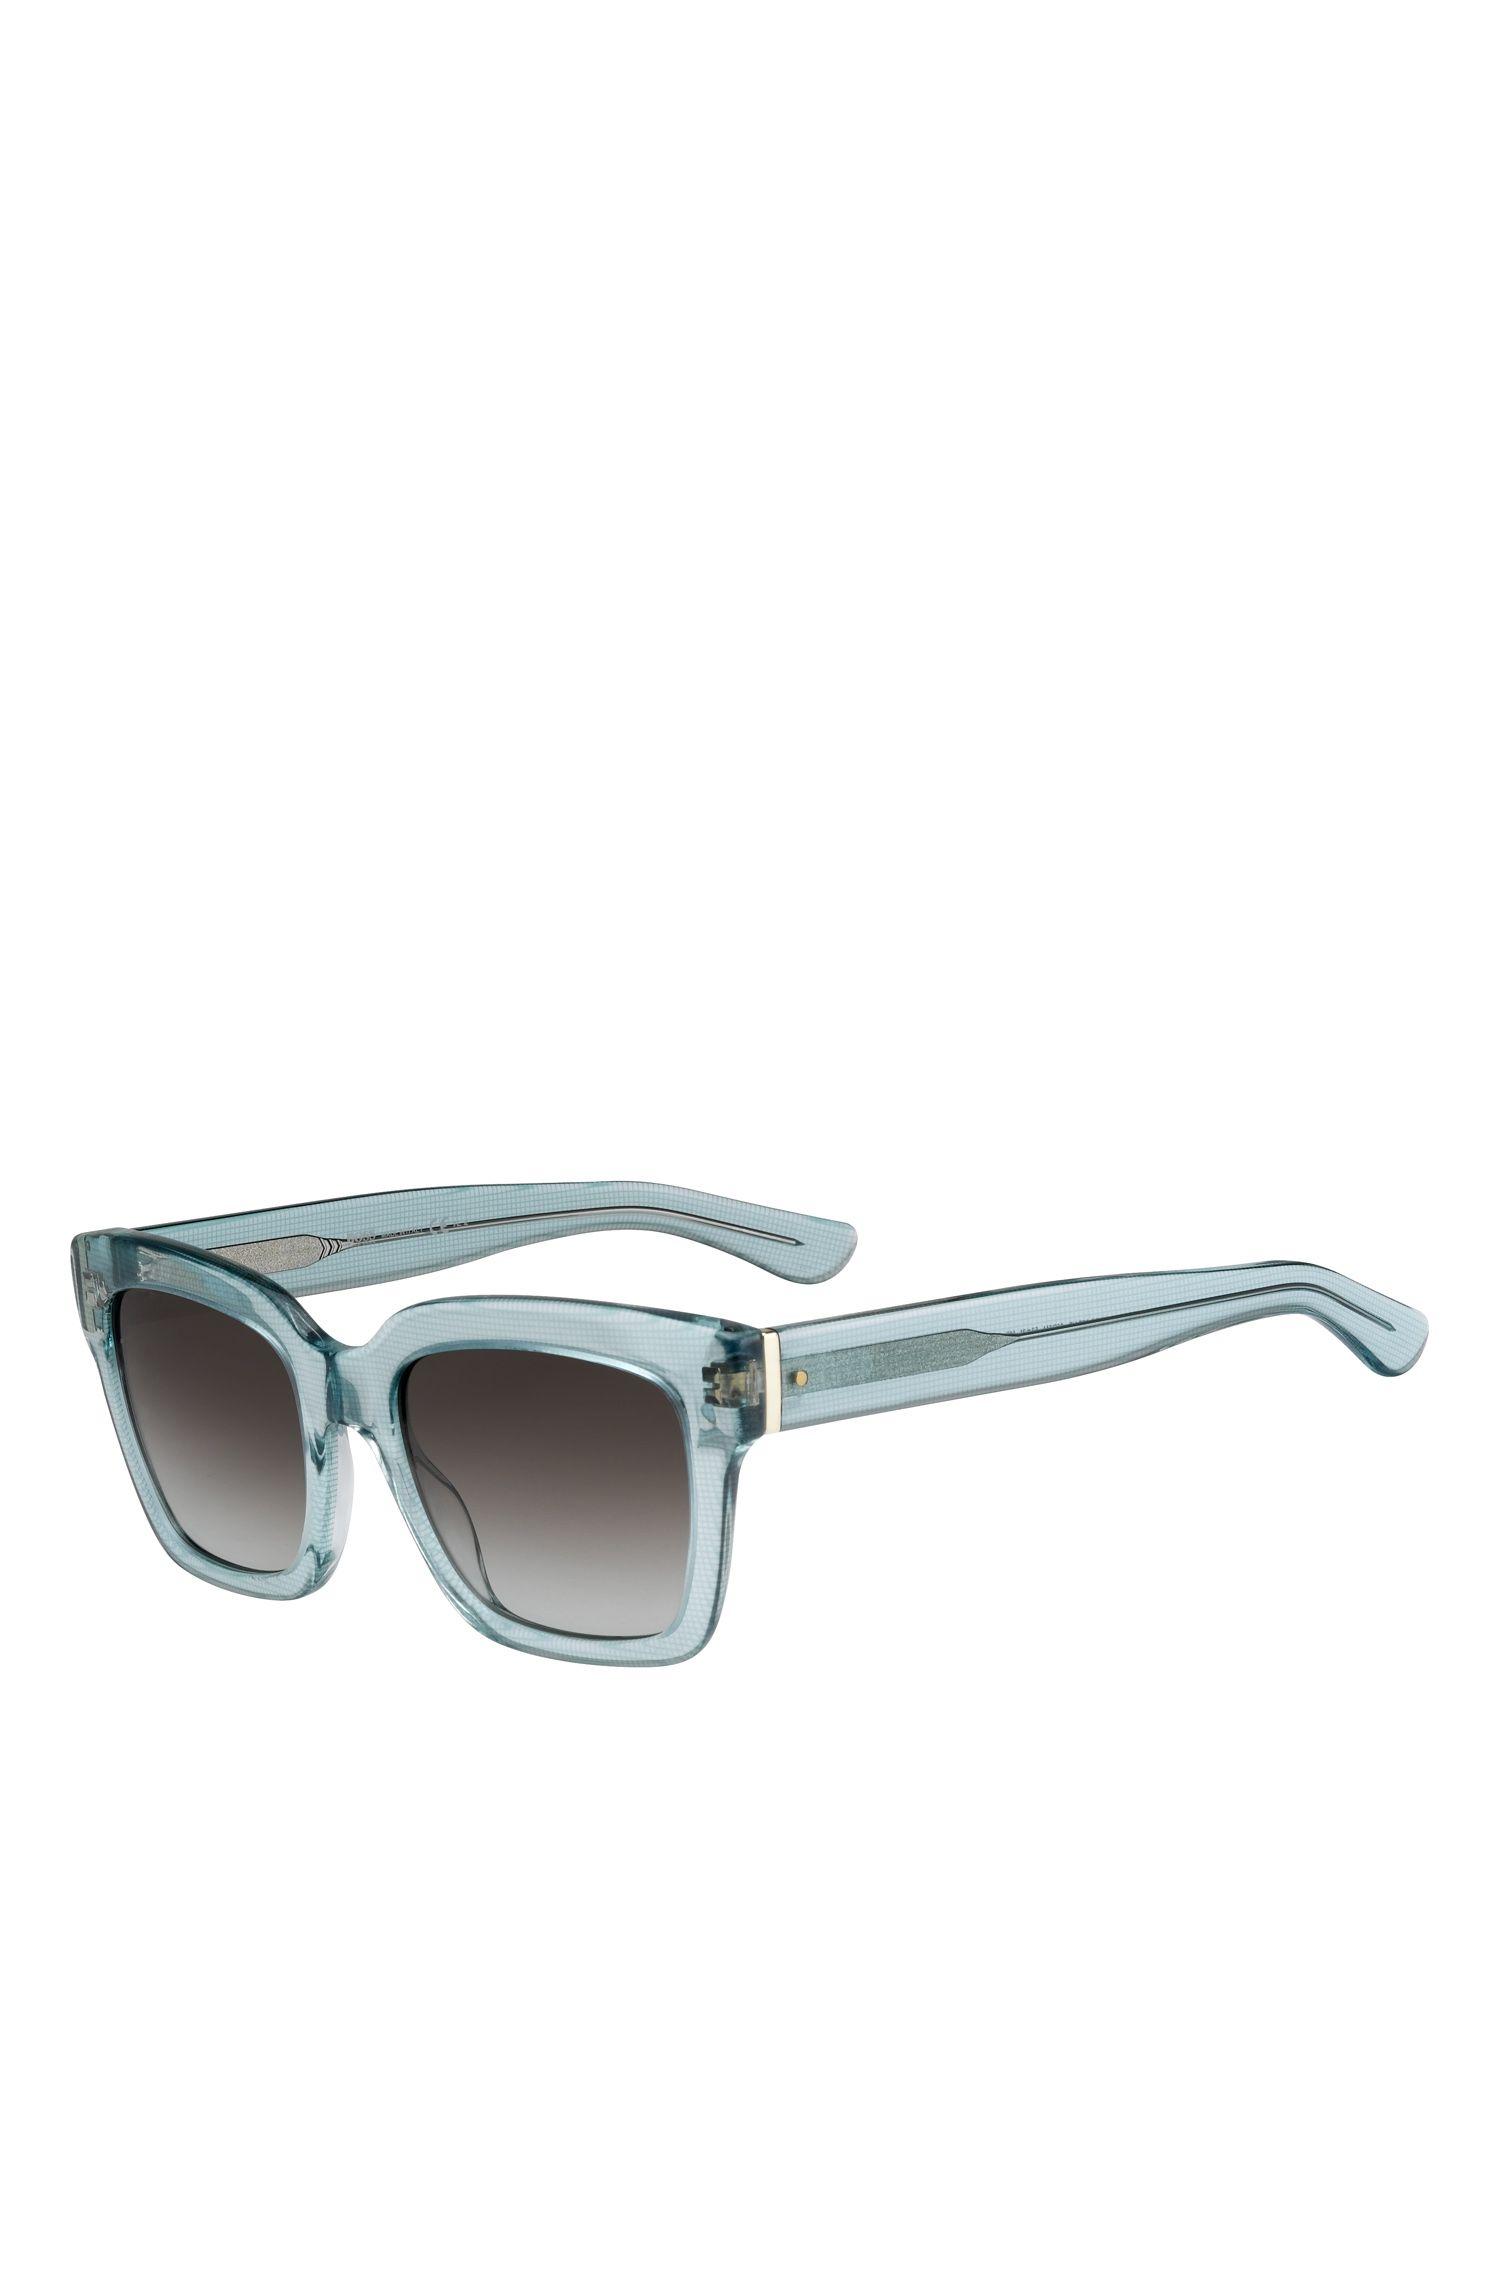 'BOSS 0674S' | Gray Gradient Lens Rectangular Sunglasses